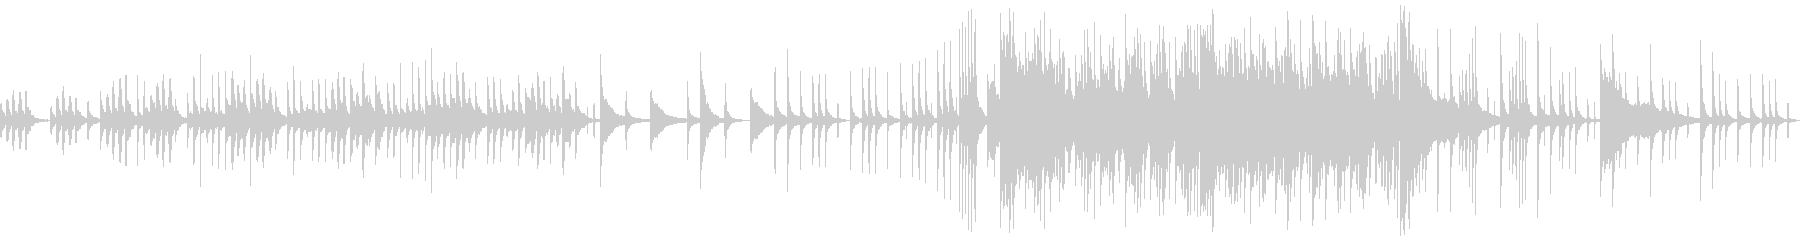 中国伝統楽器を使ったBGM【ループ】の未再生の波形